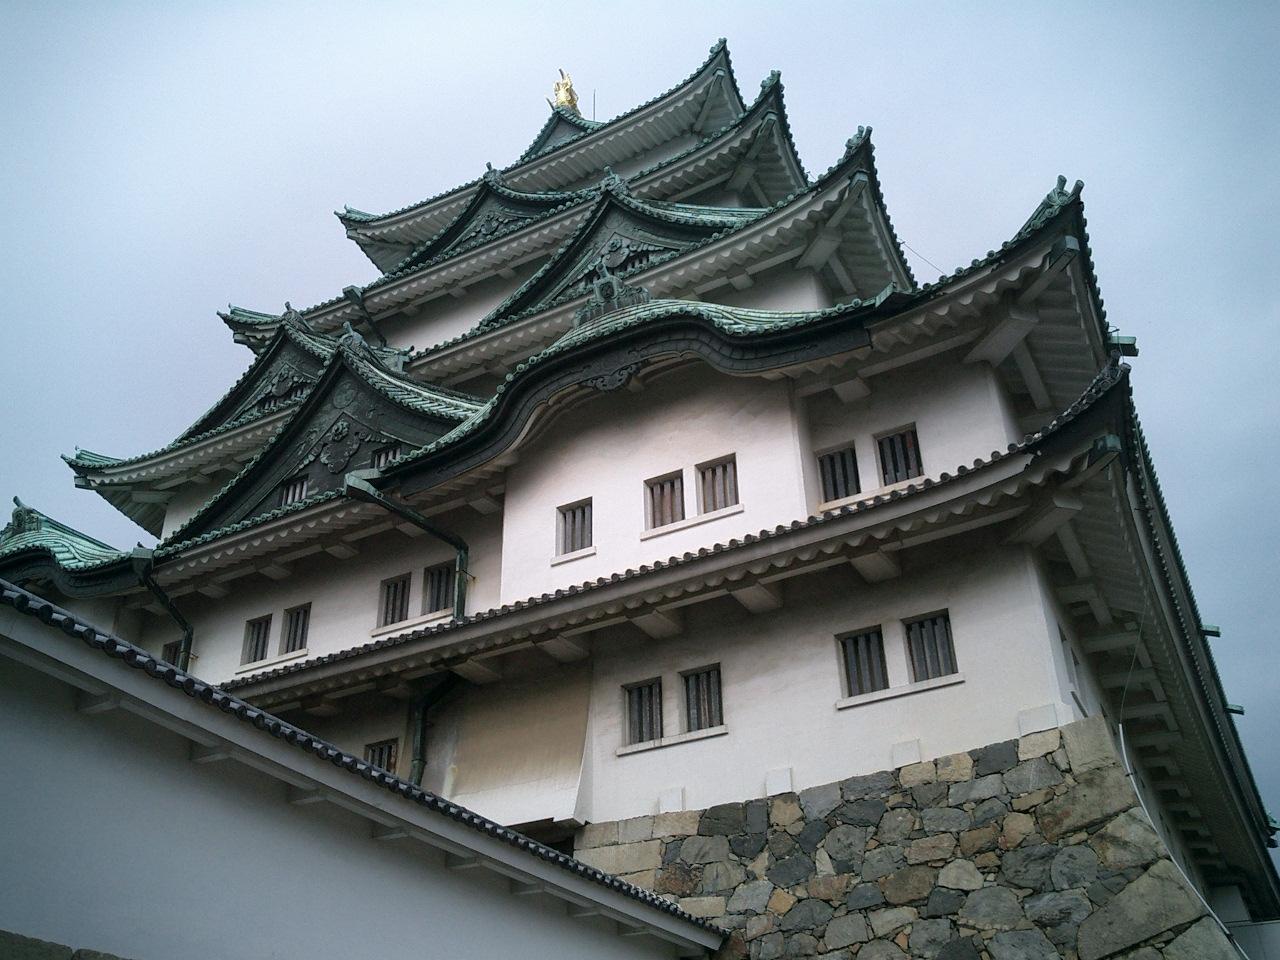 名古屋_a0060311_16525458.jpg